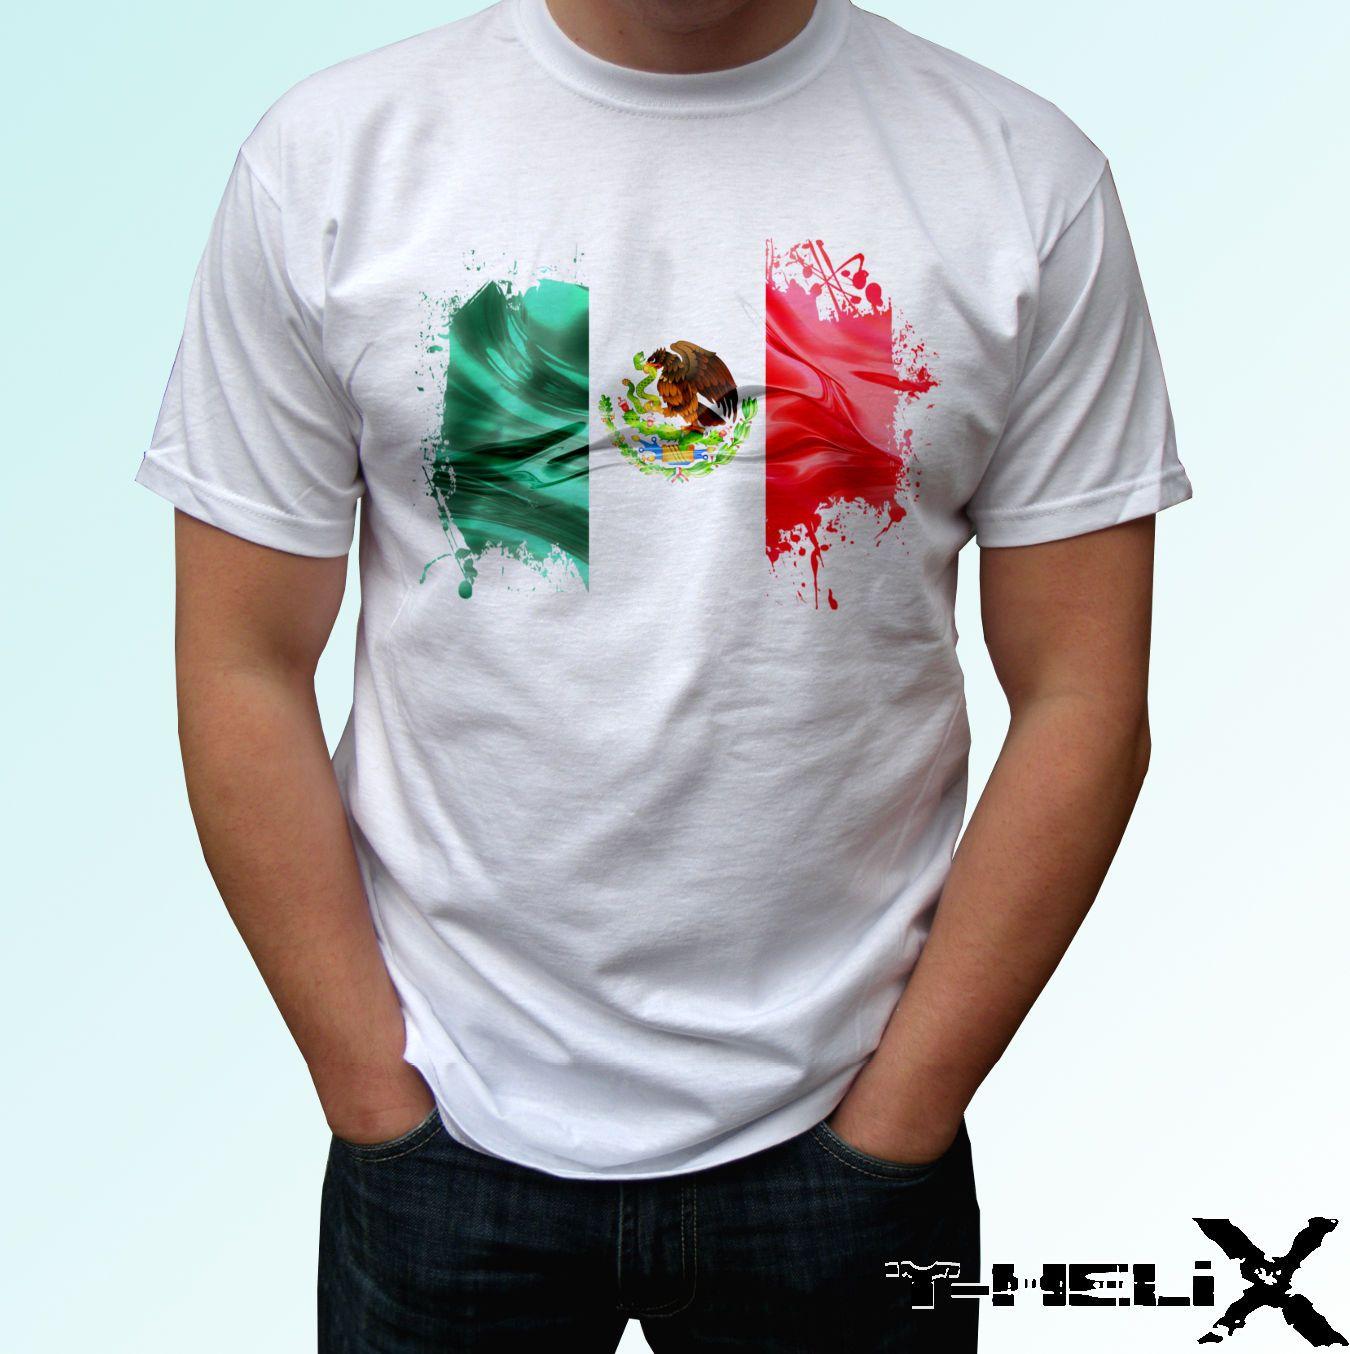 def5cc3e5bd36 Compre México Camiseta Blanca Bandera Diseño De La Parte Superior Del País  Hombre Mujer Niños Bebé A  12.05 Del Yg09tshirt